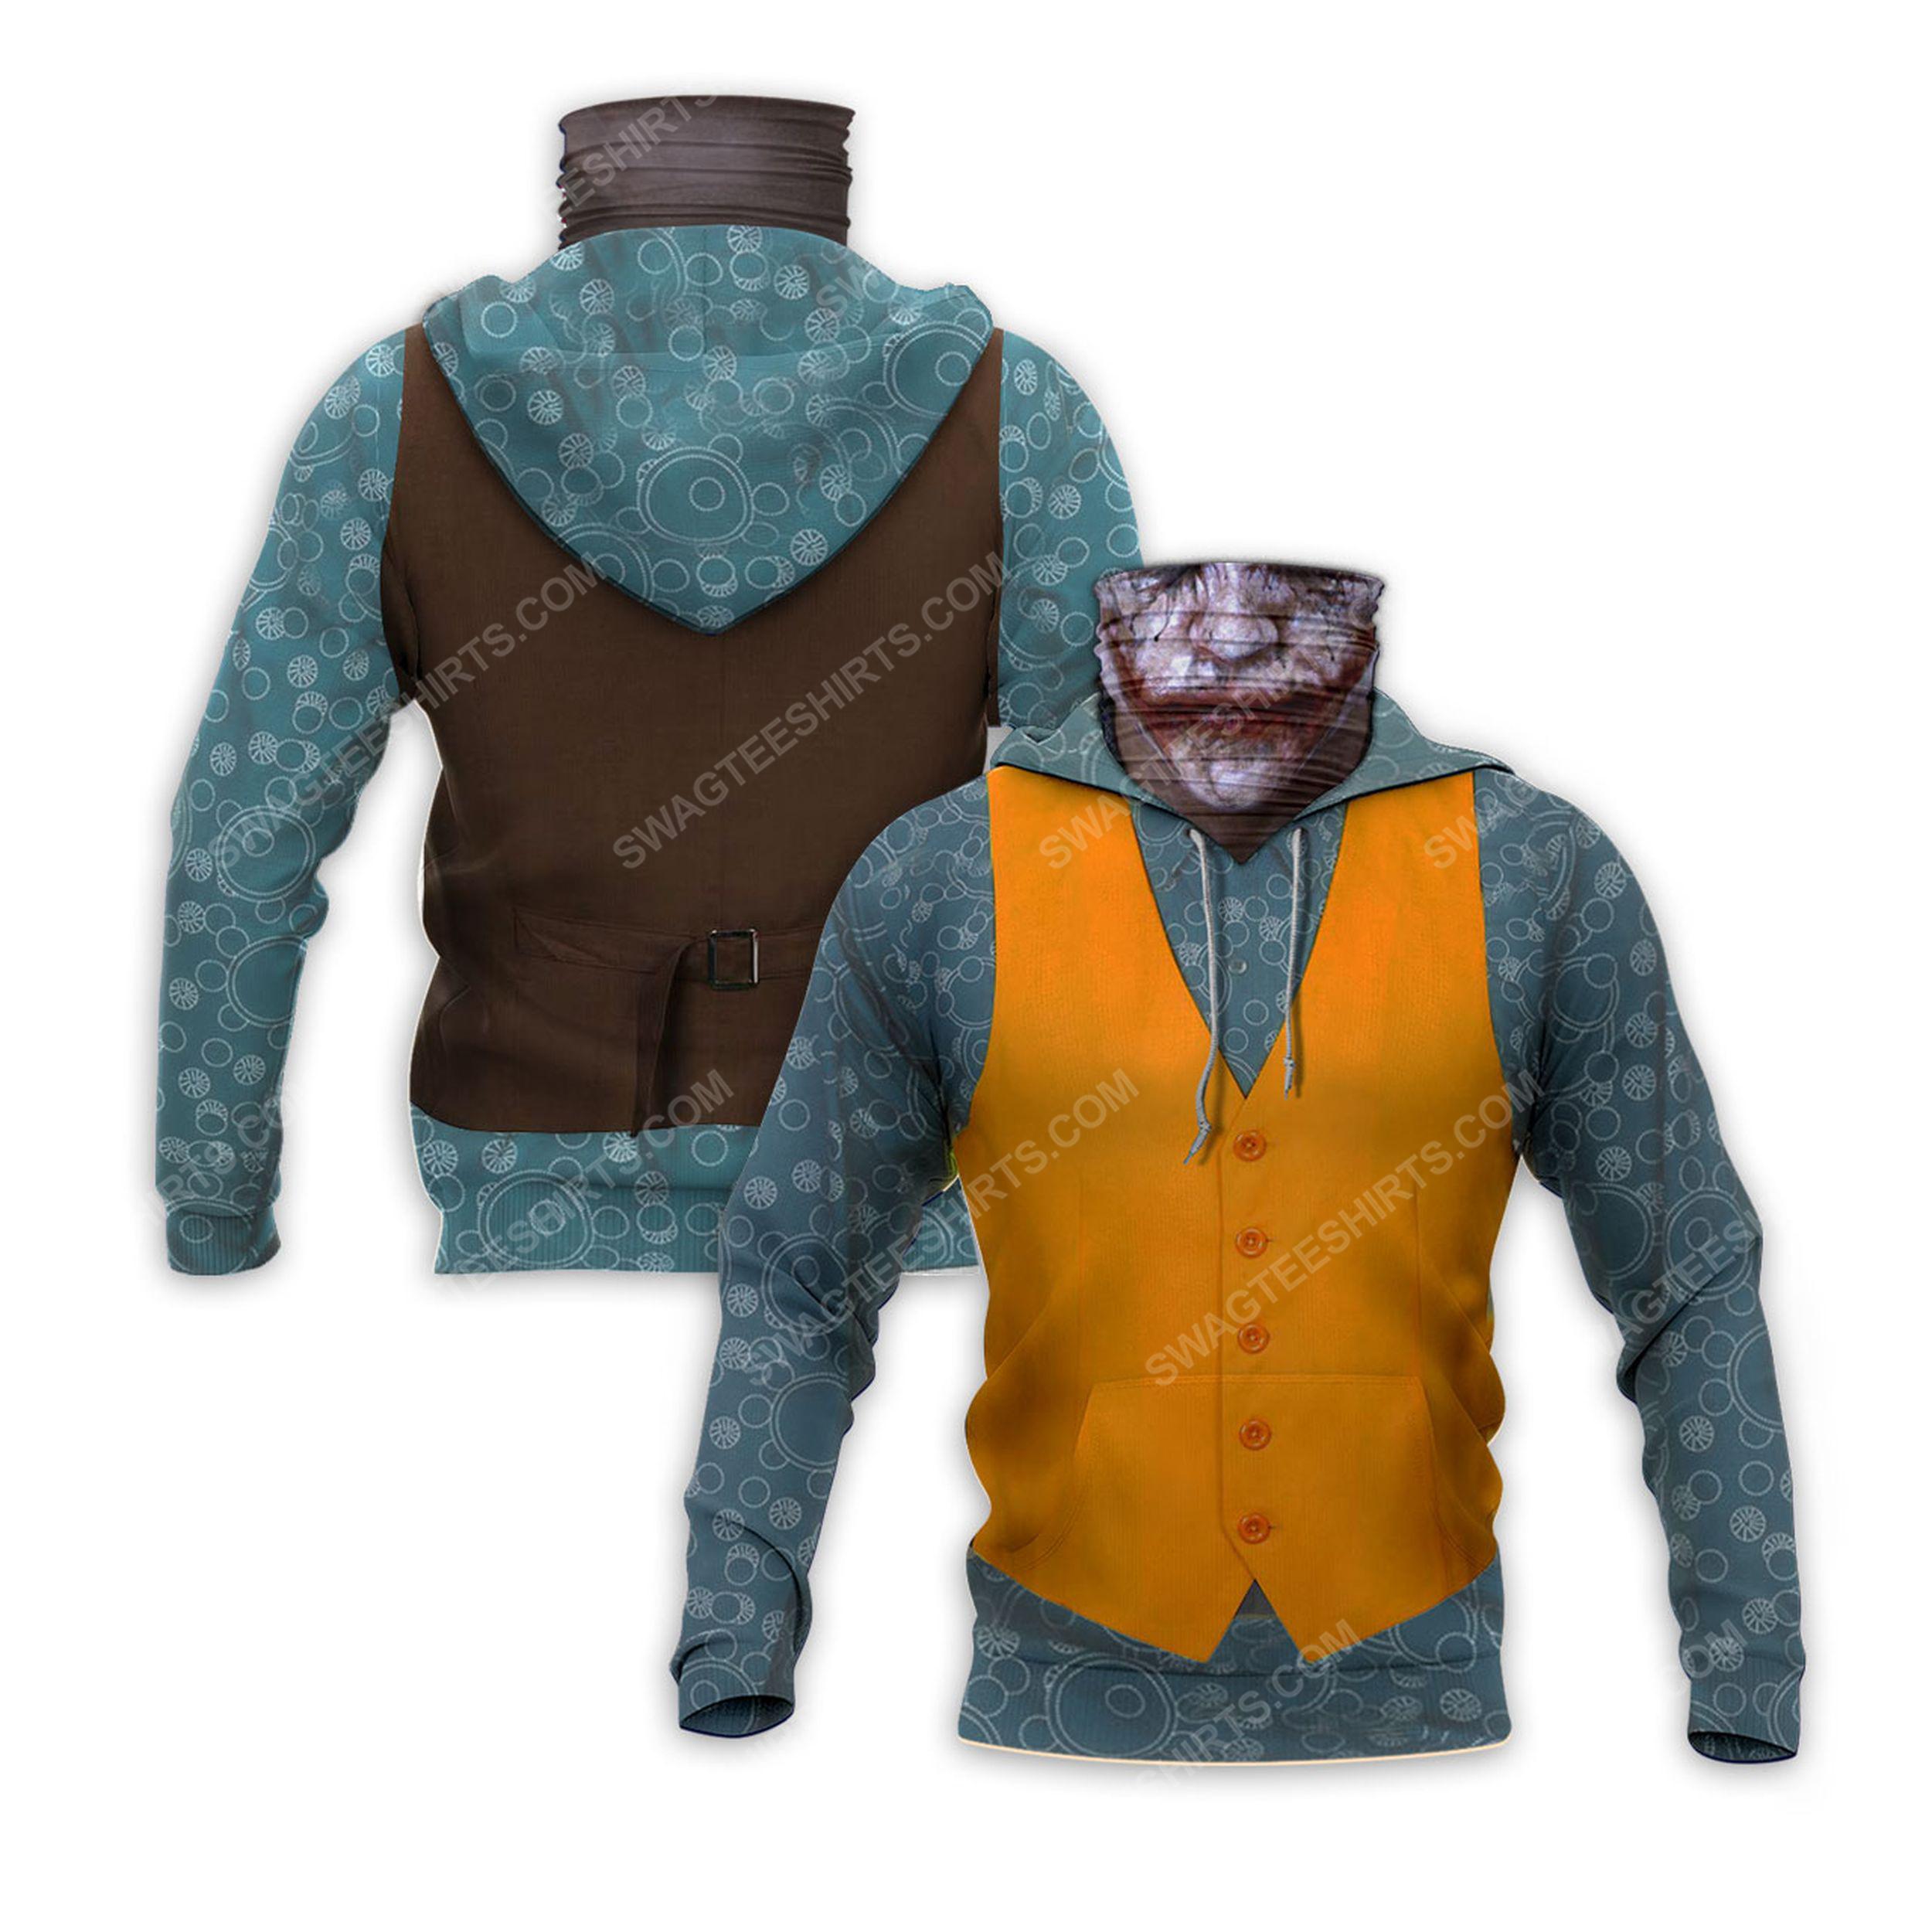 The joker movie full print mask hoodie 2(1)